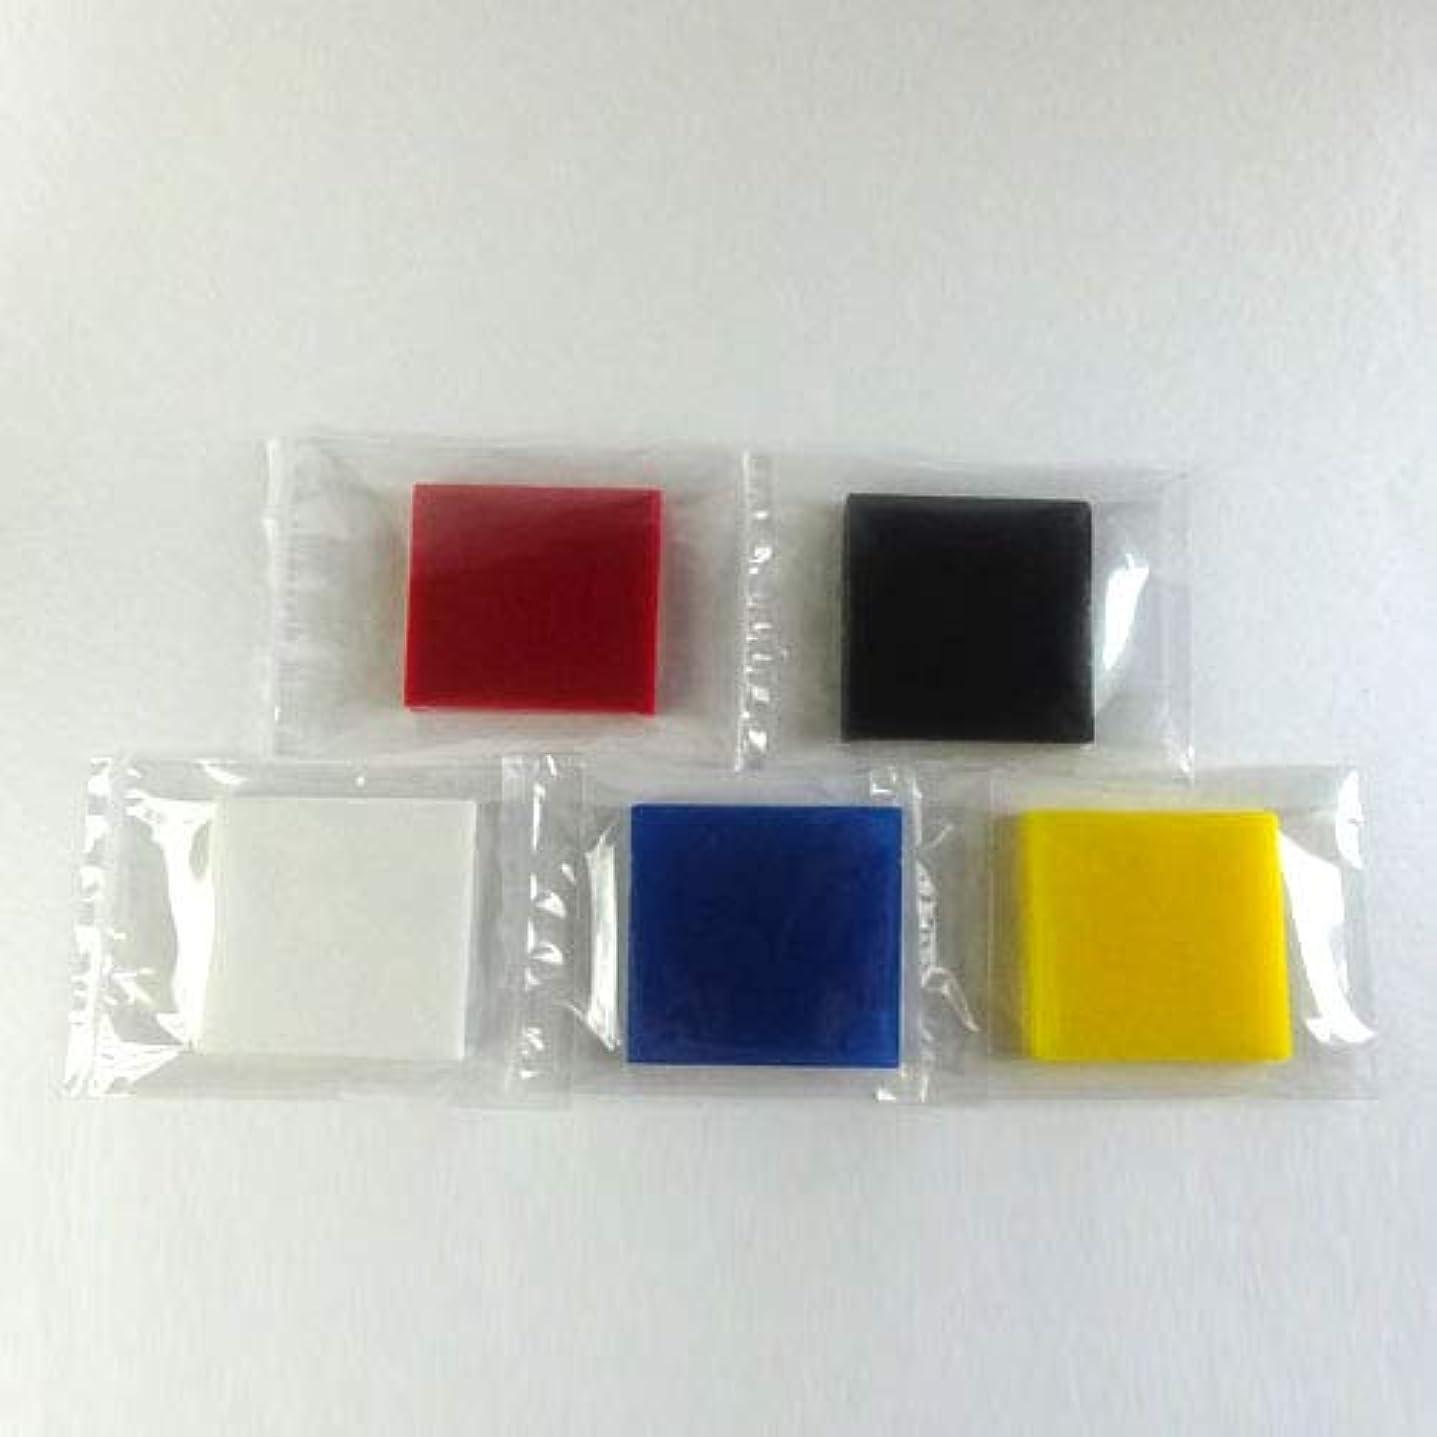 バーゲントピック習字グリセリンソープ MPソープ 色チップ 5色(赤?青?黄?白?黒) 各120g(30g x 4pc)